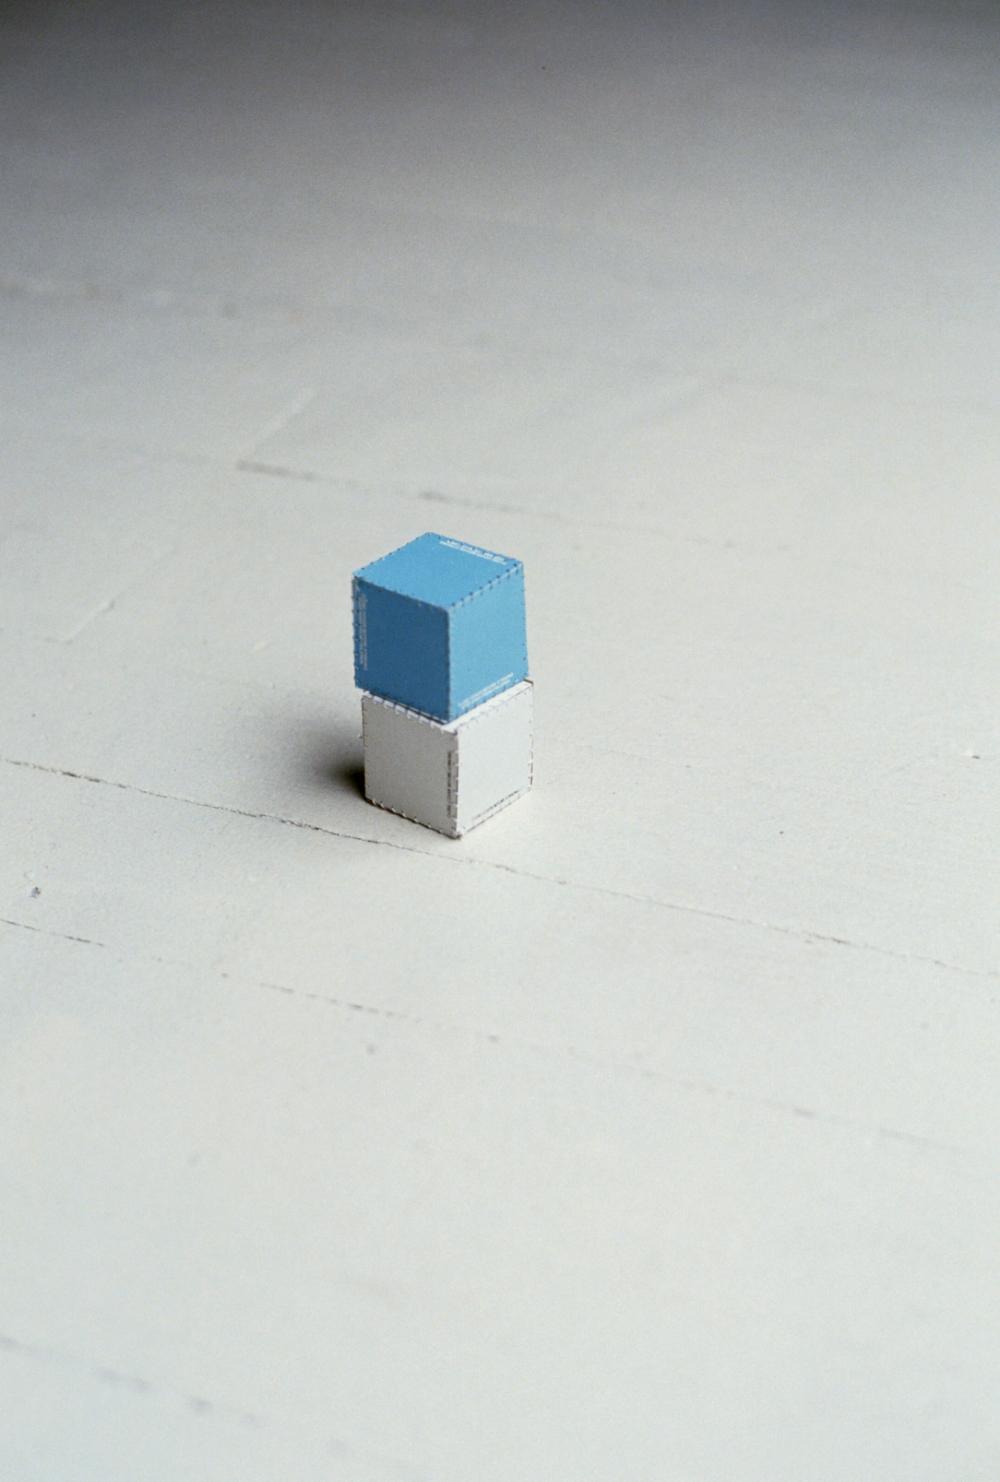 KS94S_Snow Landscape Picture Cube_sewn matchbooks_ea11:2sq.jpg